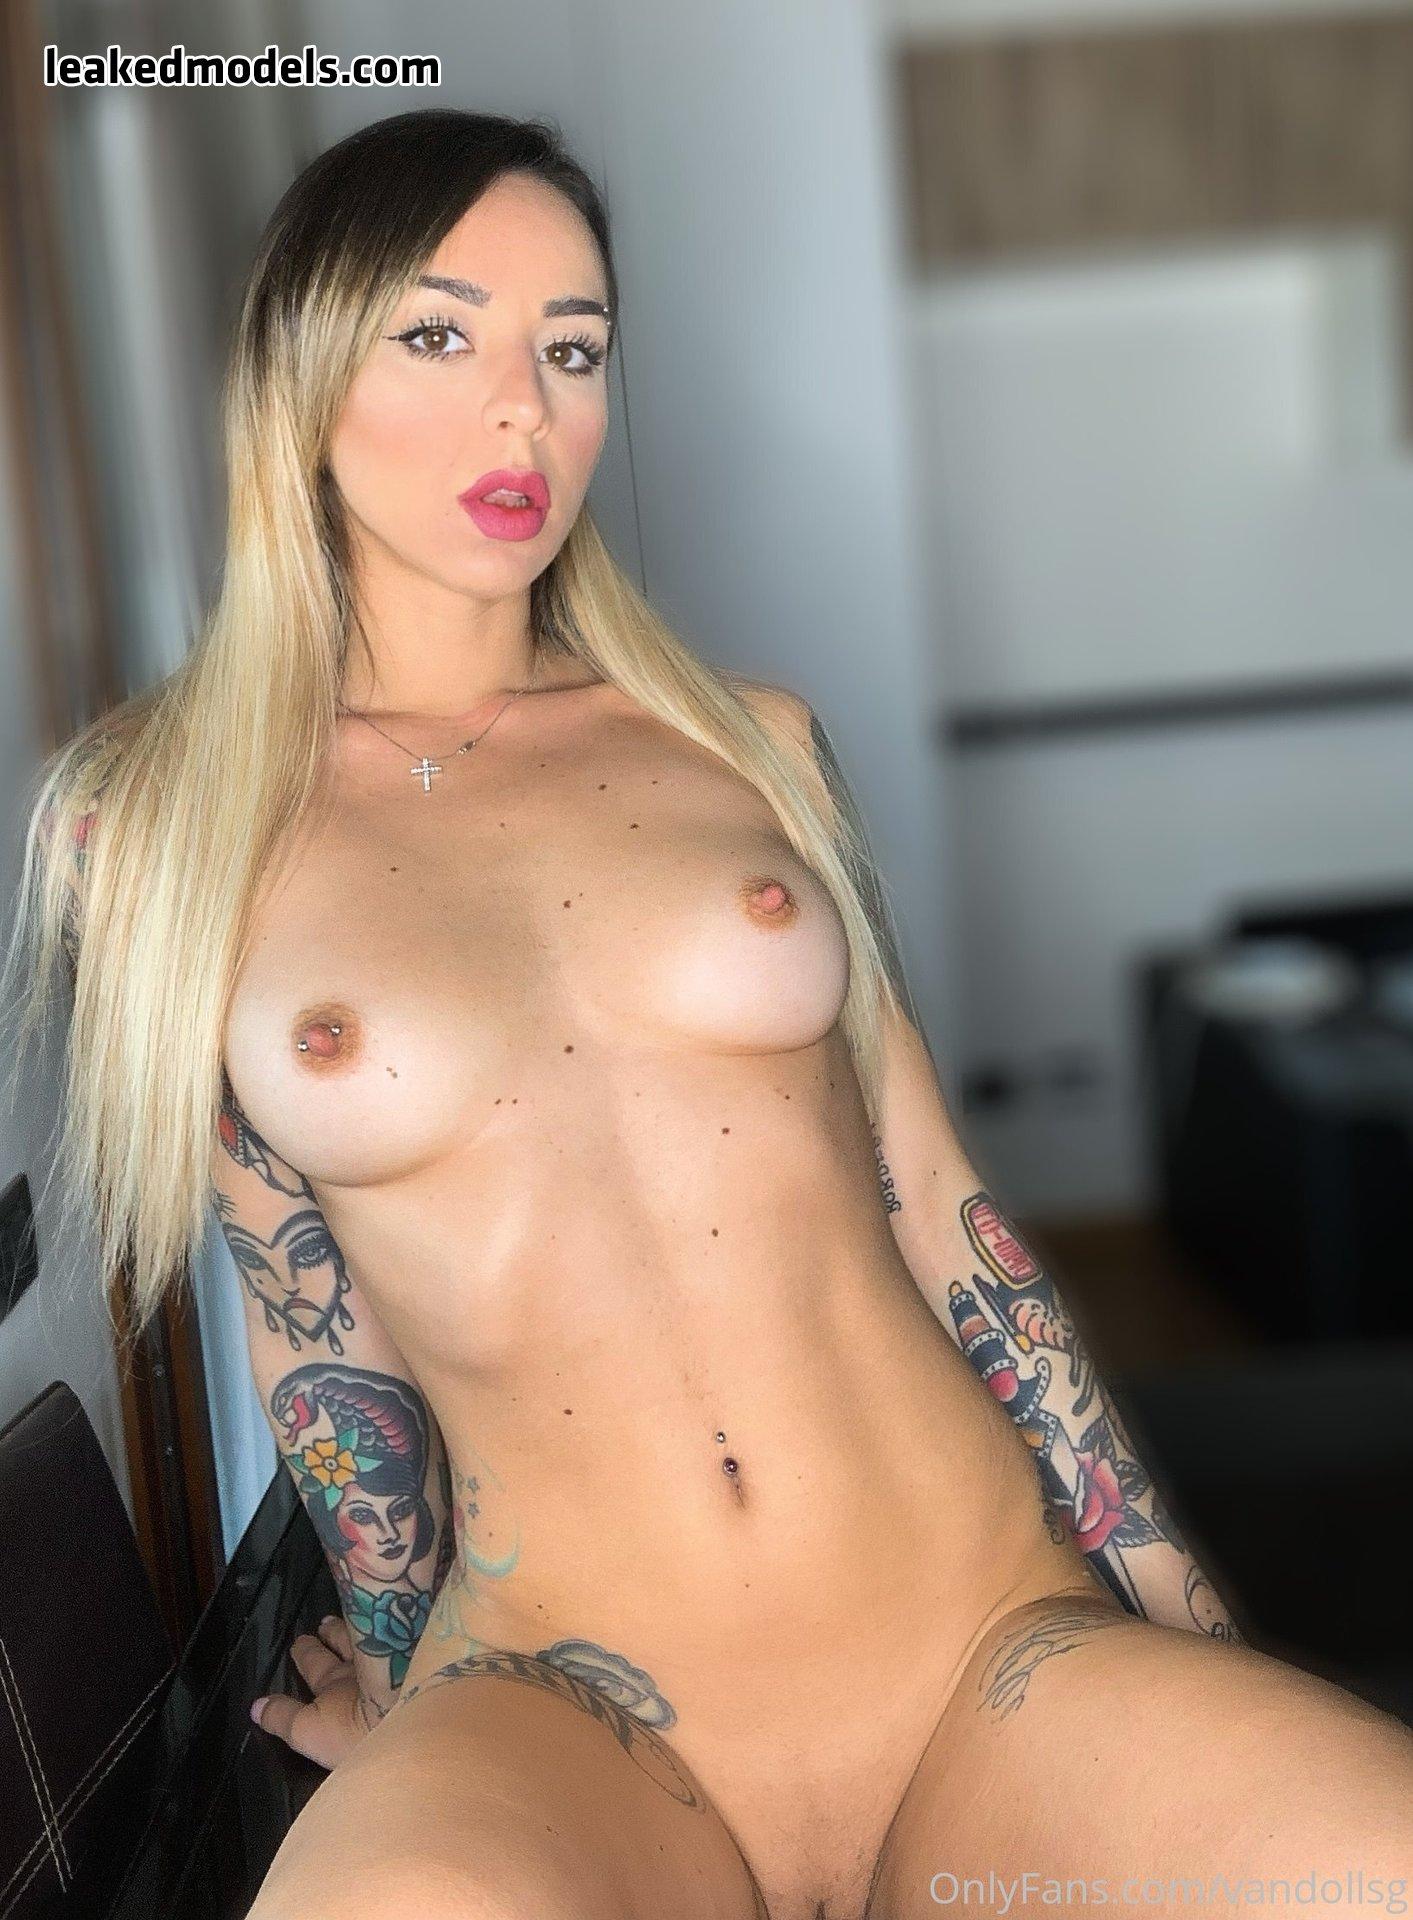 Vandoll Suicide – Vandoll Patreon Nude Leaks (30 Photos)